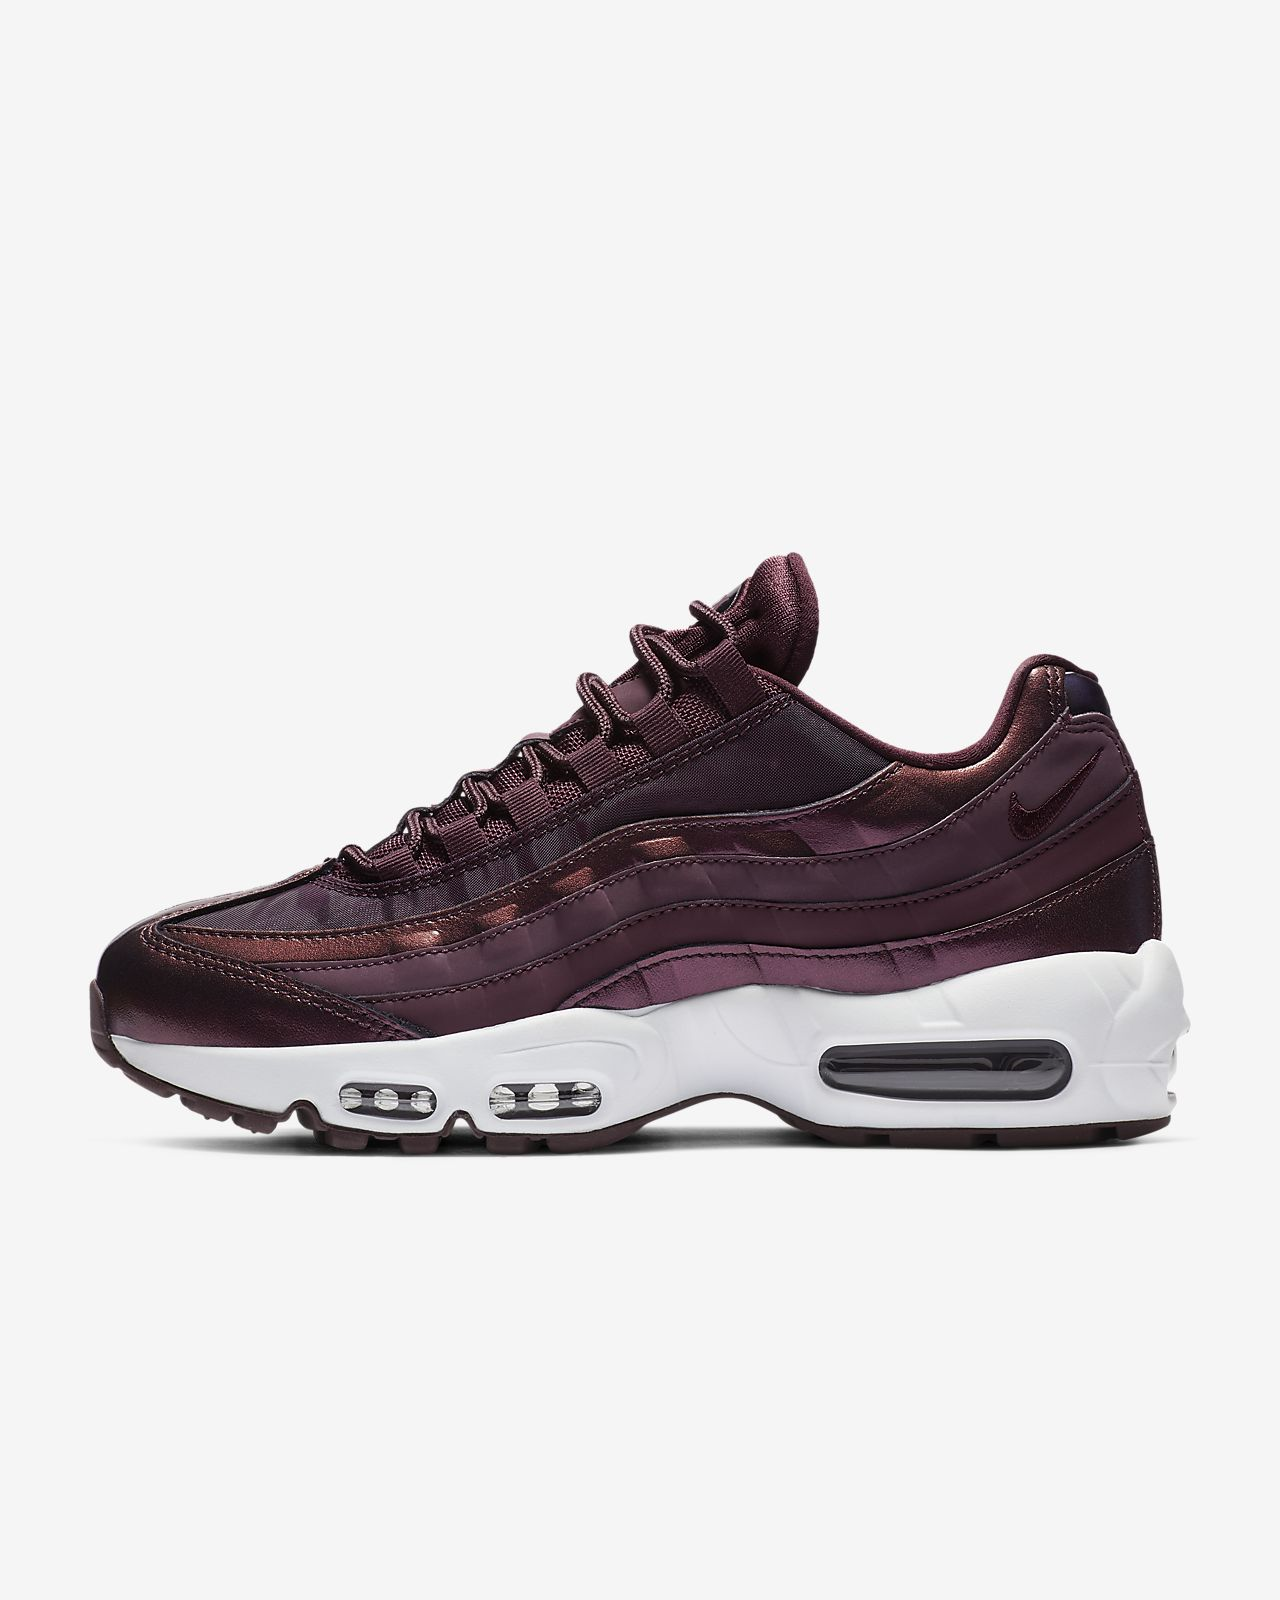 cheap for discount 1542a 5d2a9 ... cheap calzado para mujer nike air max 95 lux aae4d df648